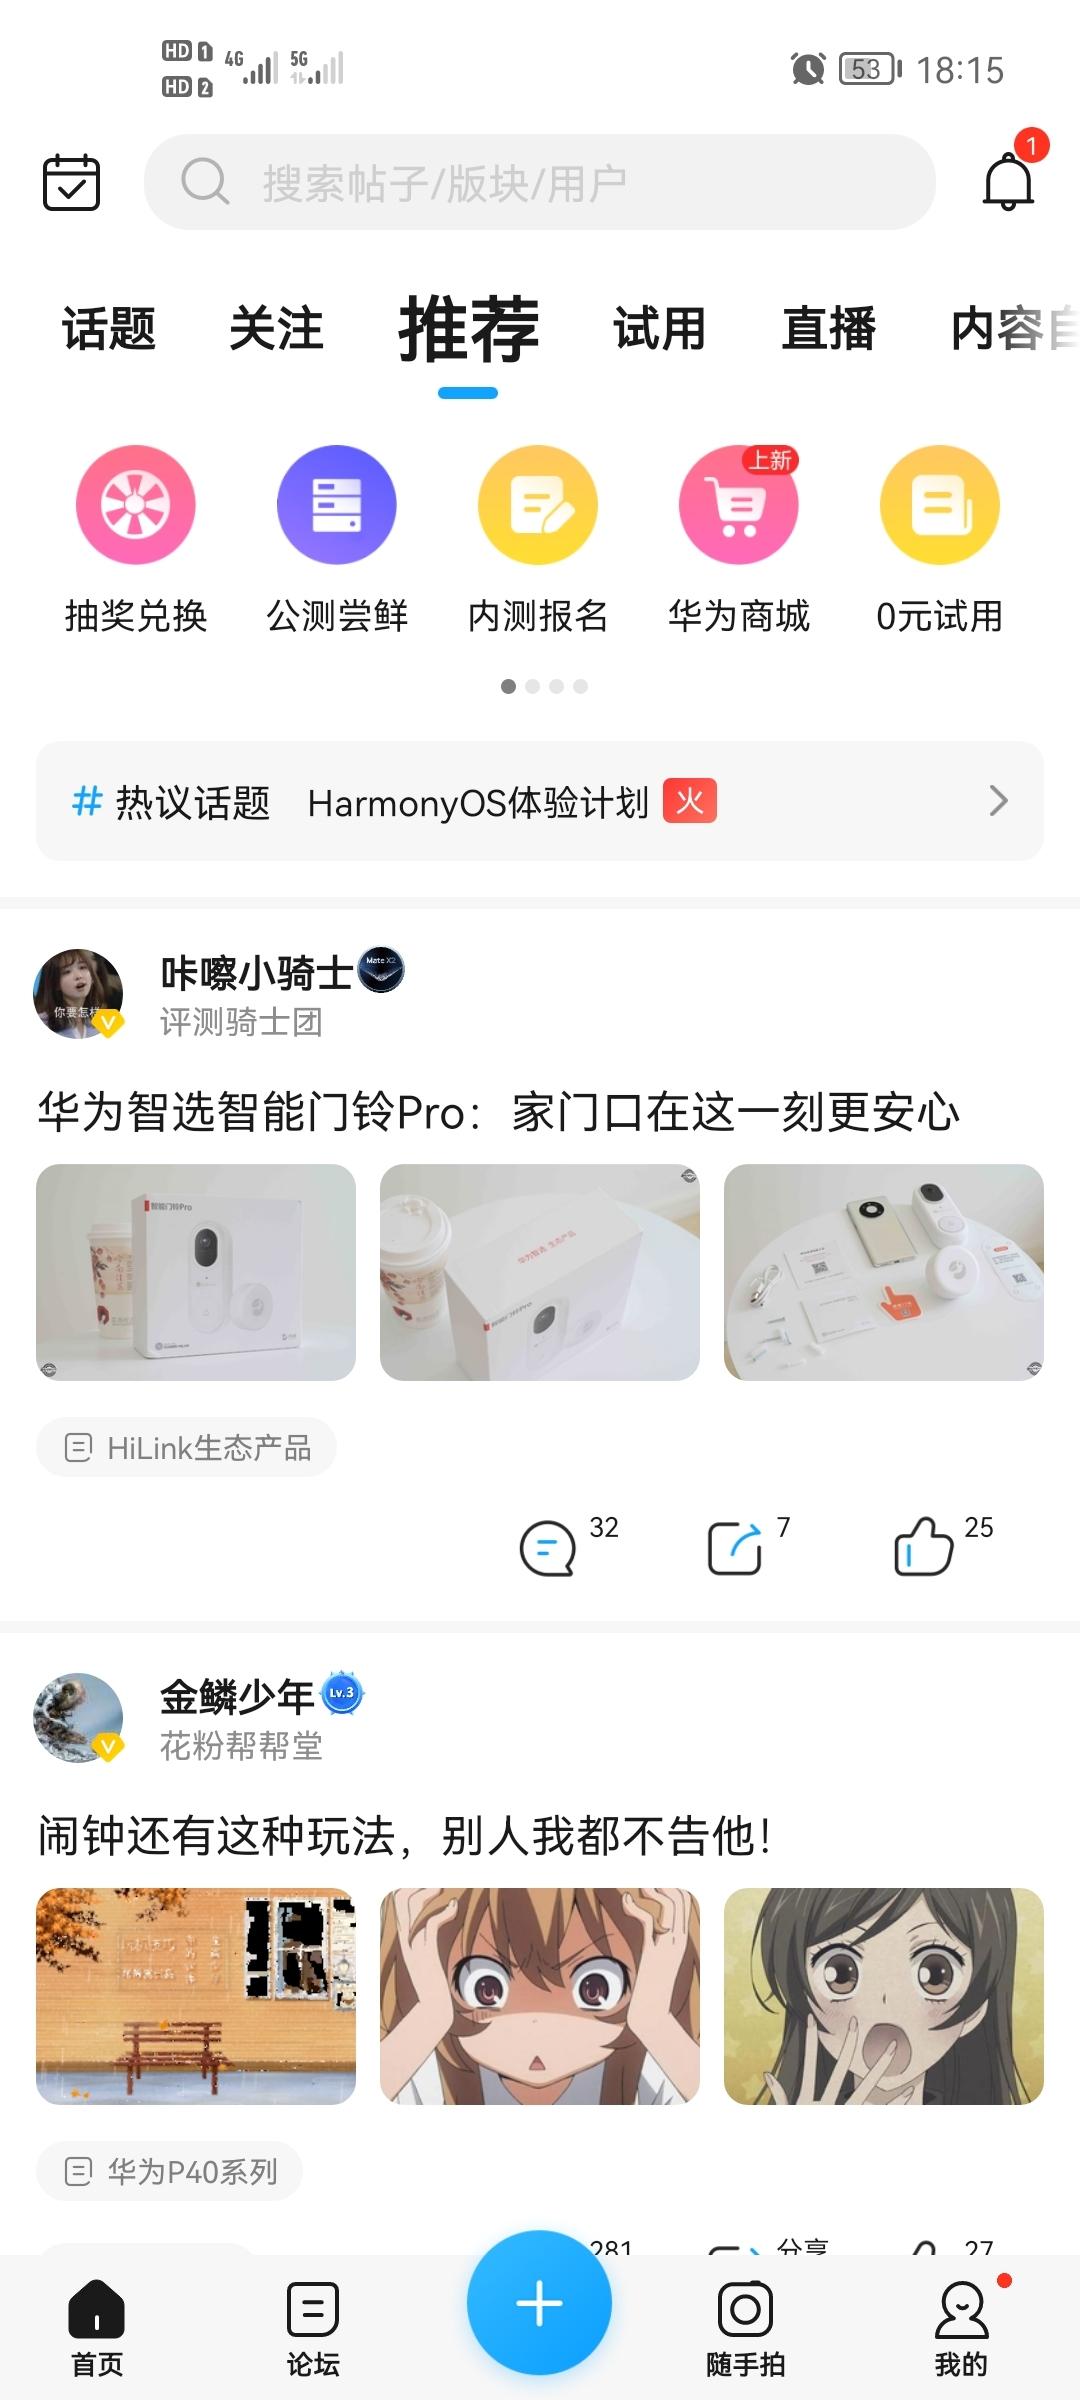 Screenshot_20210612_181542_com.huawei.fans.jpg